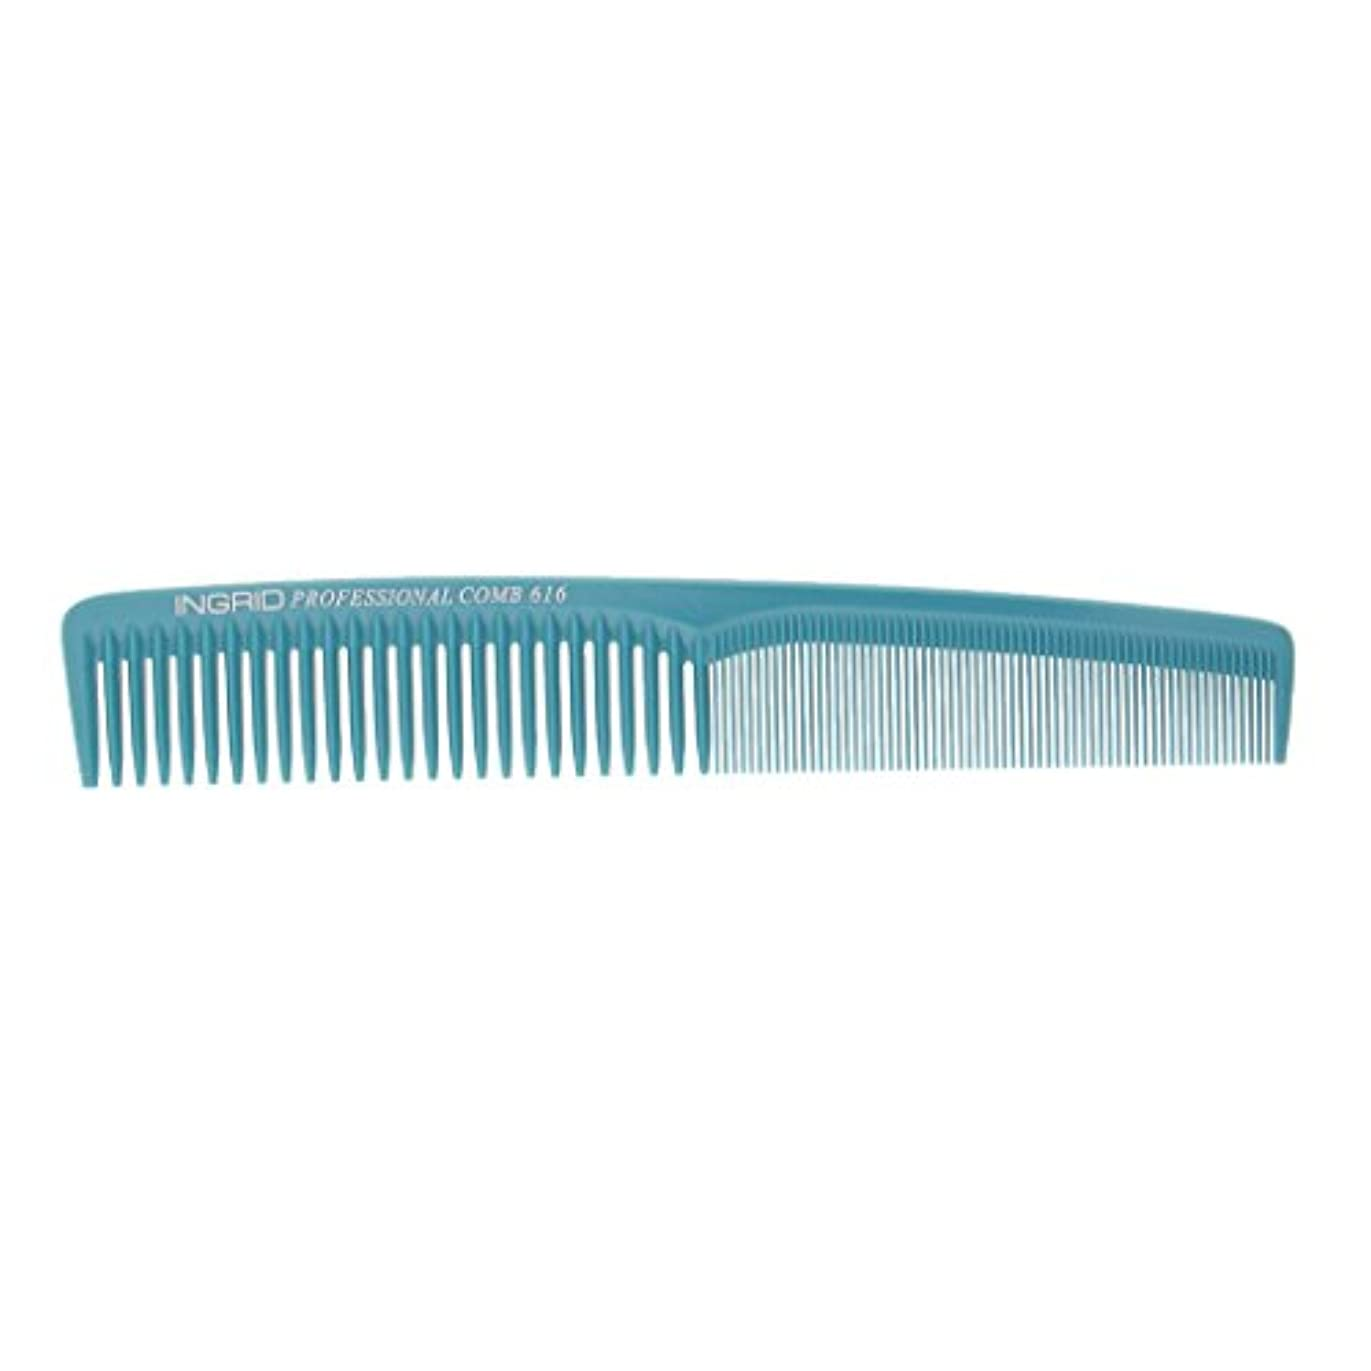 損傷奇妙な好きであるFutuHome ファッショナブルなヘアカット理髪師美容院プラスチック製の櫛 - ライトブルー